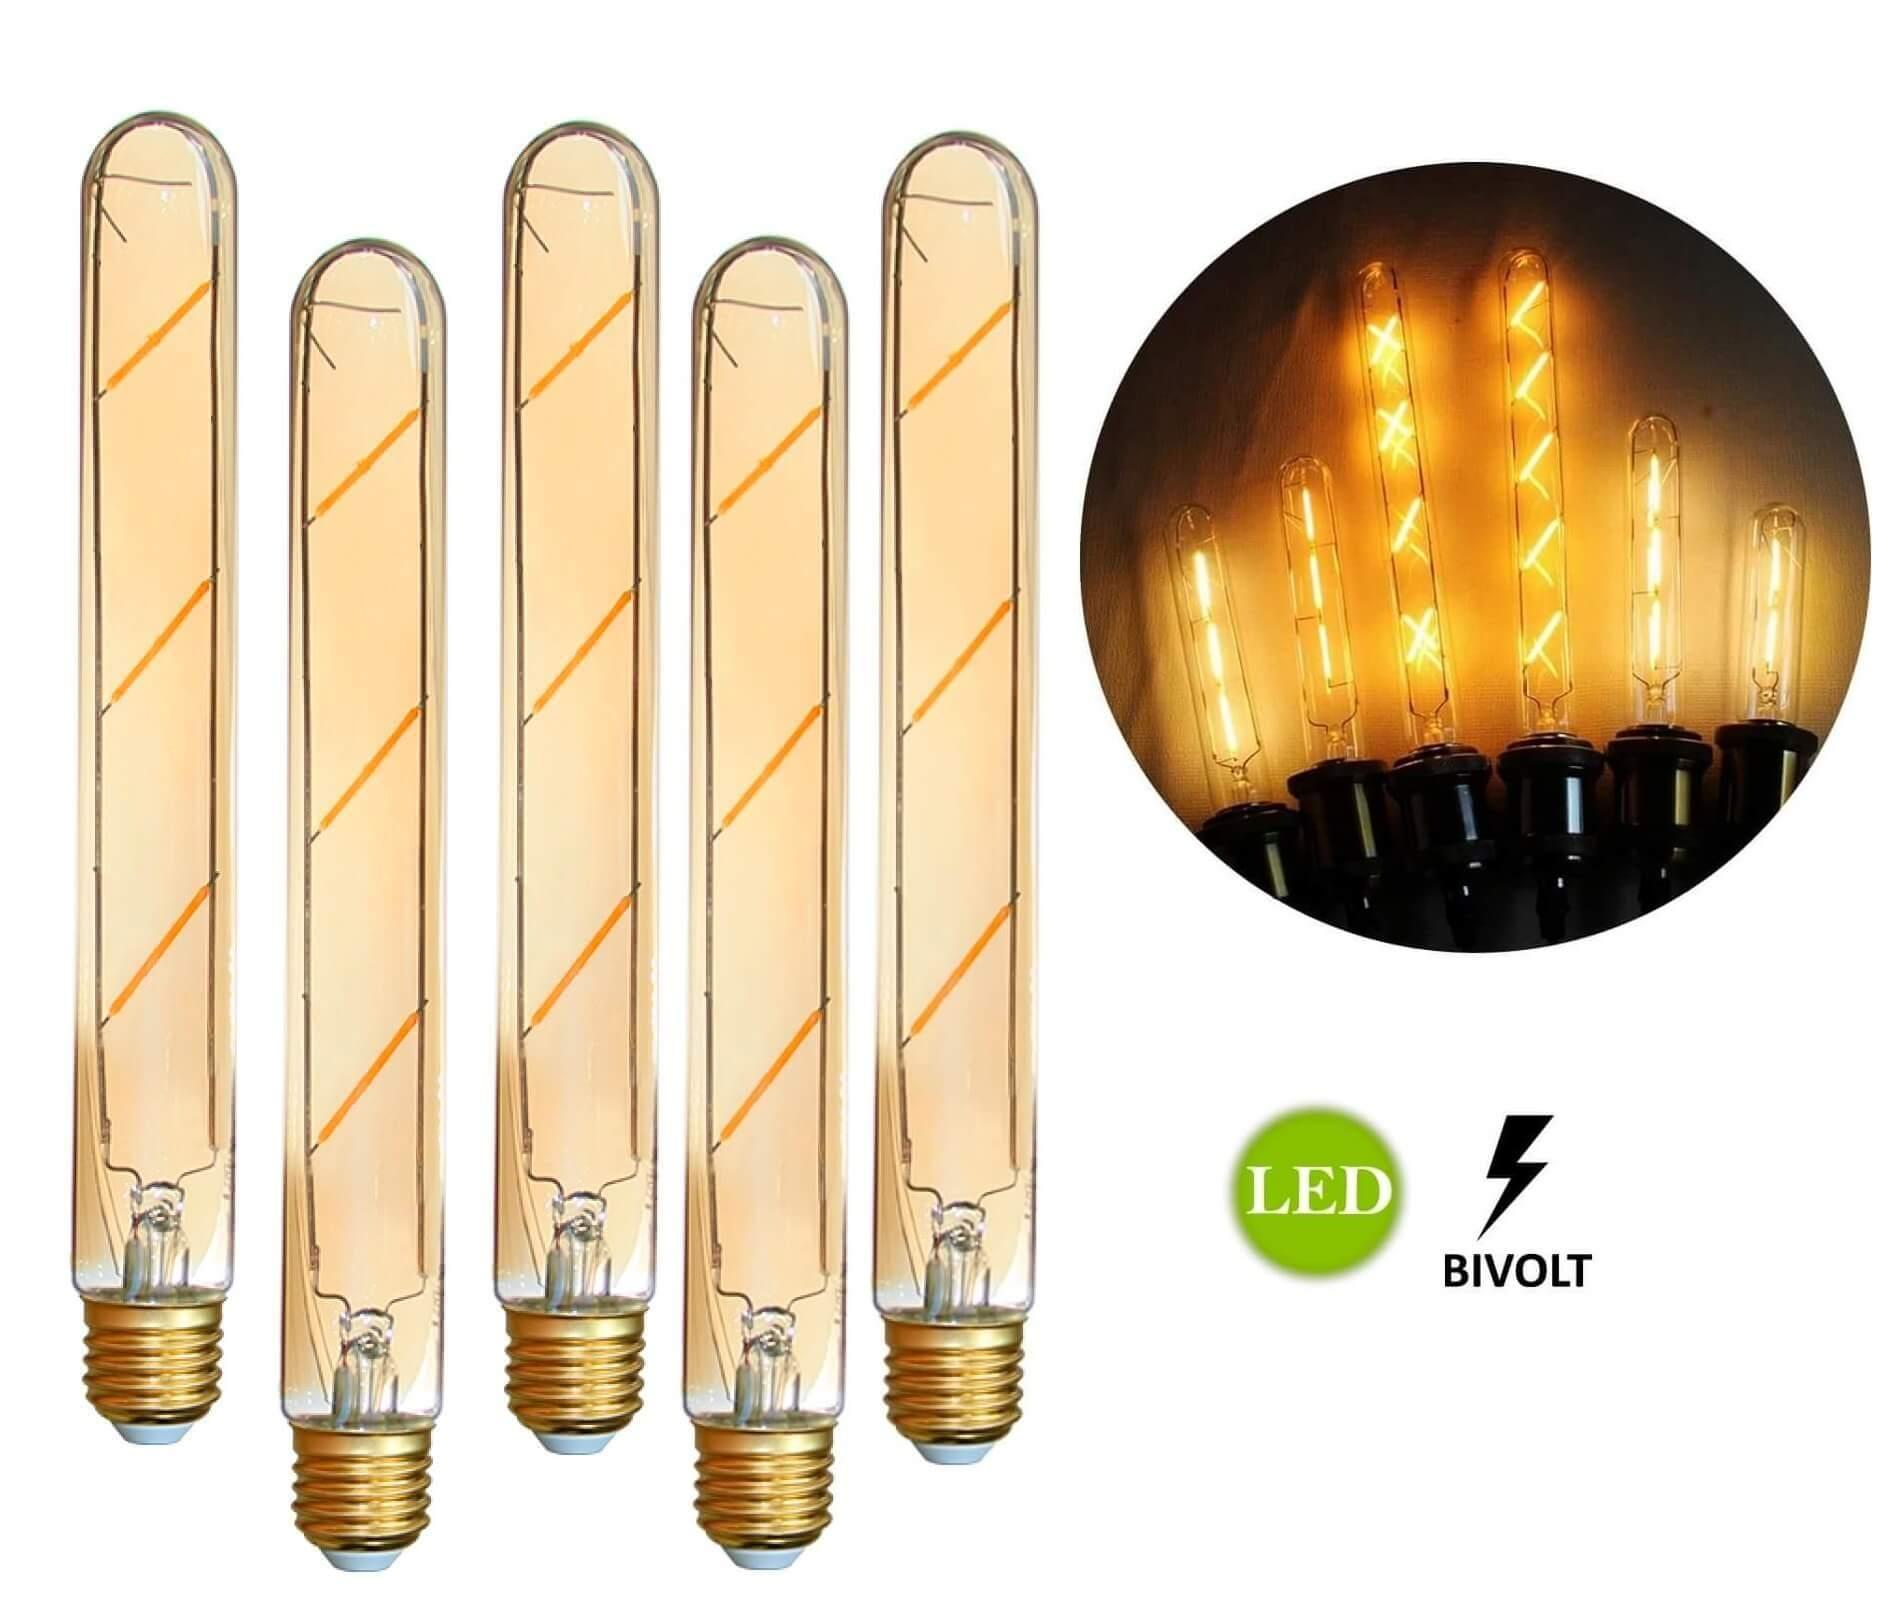 5 Lâmpadas de Filamento LED T185 4W Bivolt